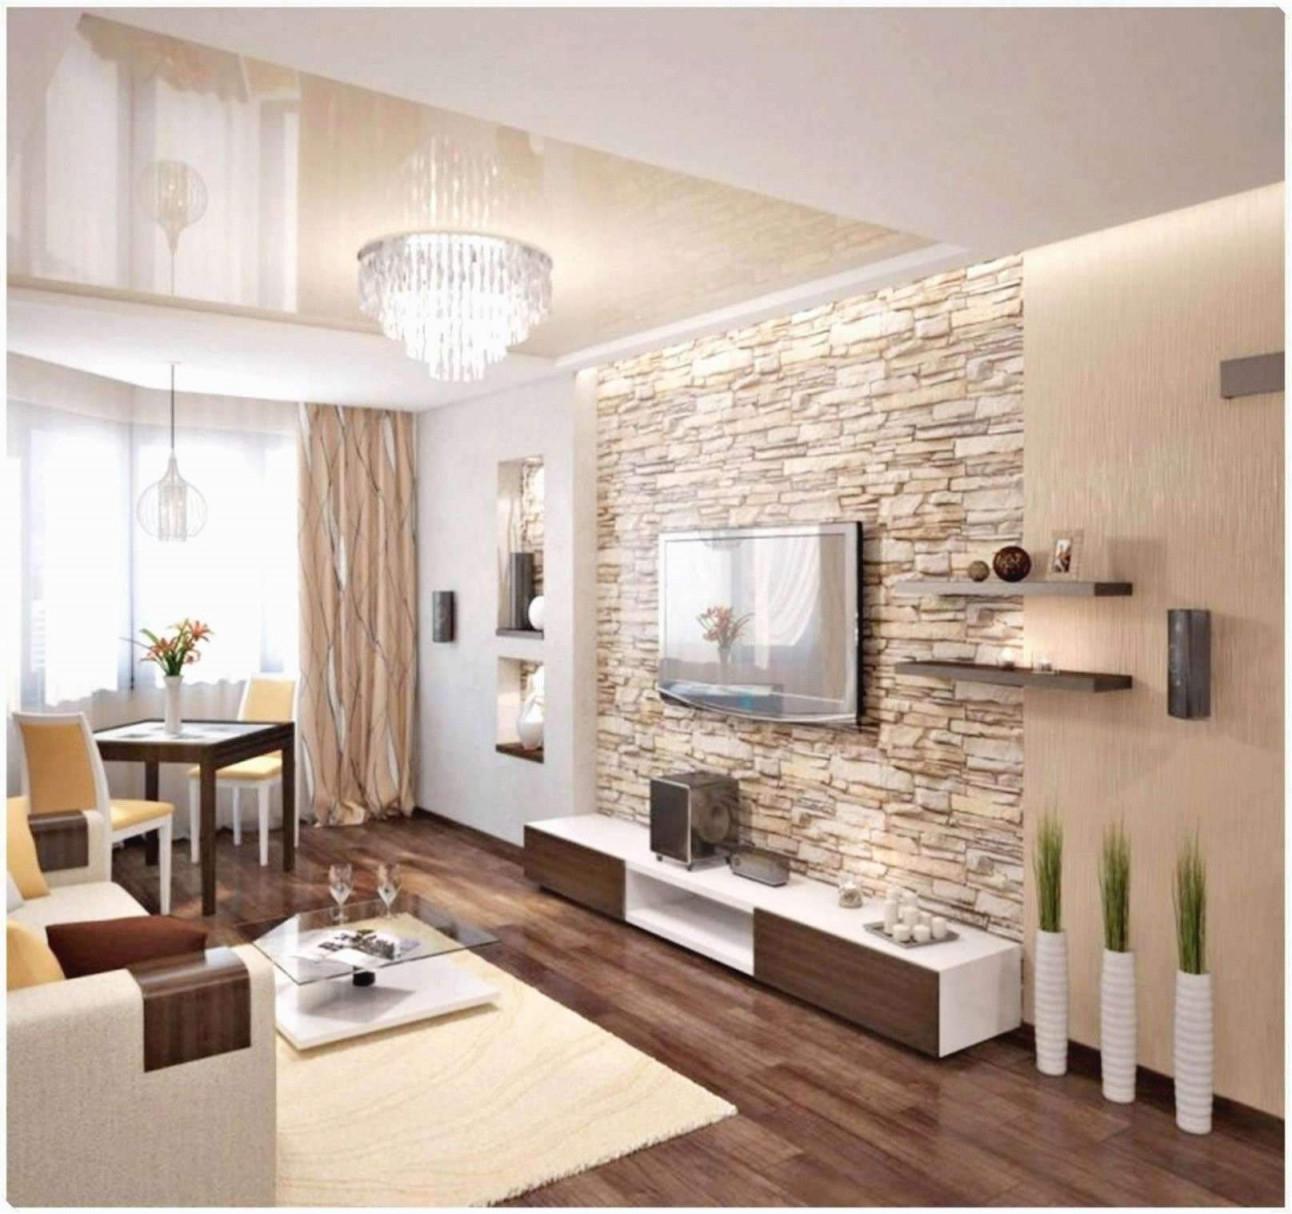 Wohnzimmer Mediterran Das Beste Von 31 Neu Wohnzimmer von Wohnzimmer Mediterran Gestalten Bild